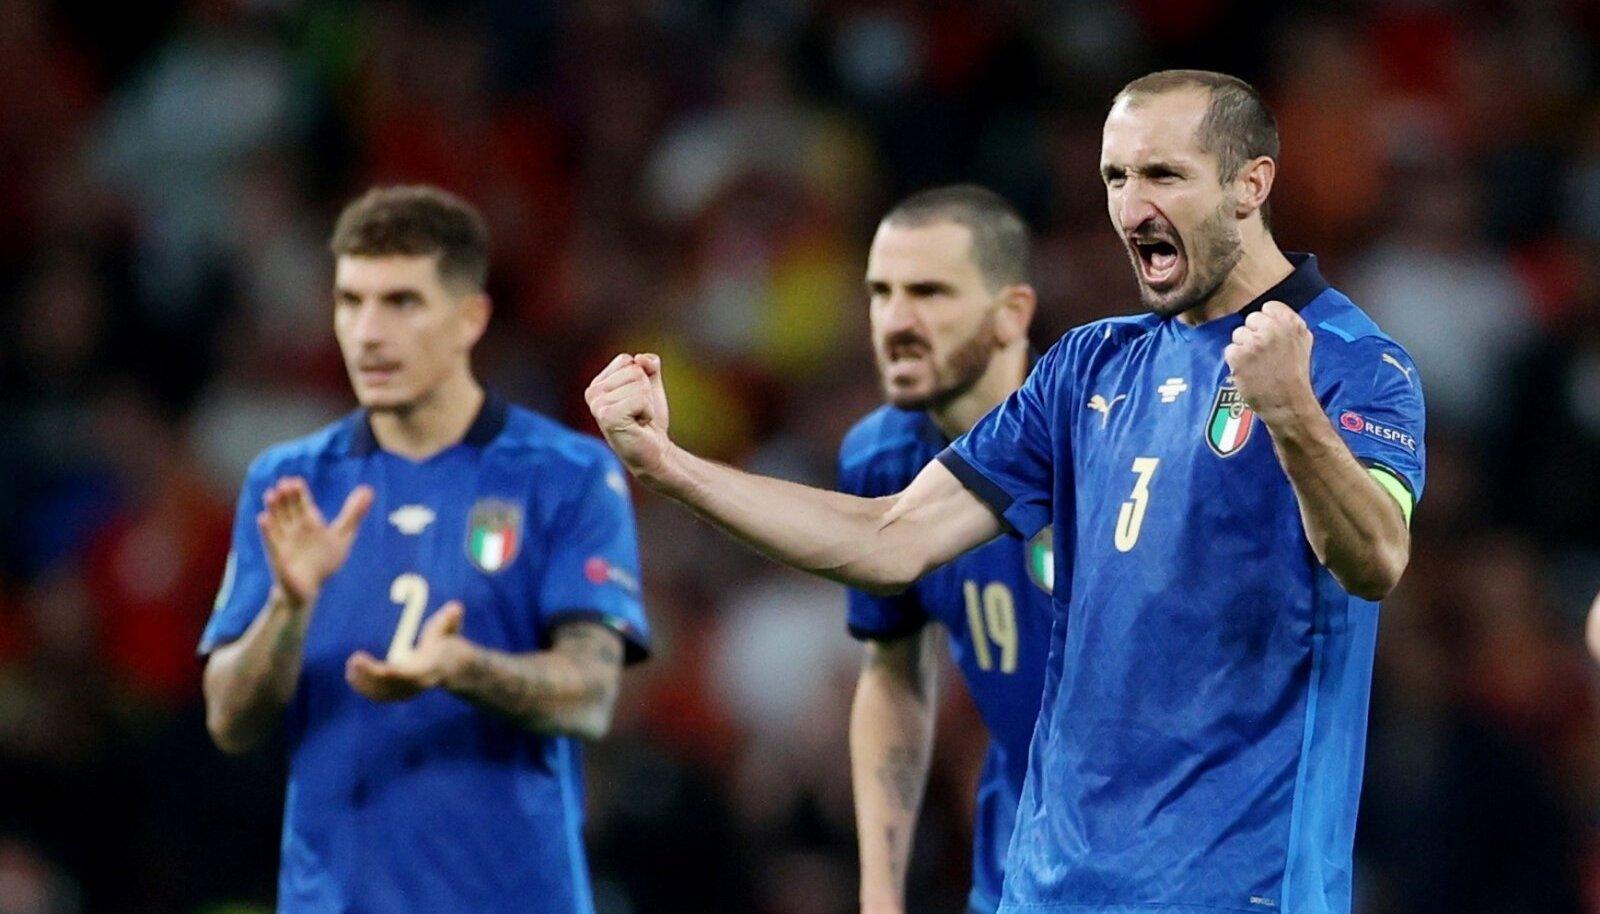 Kas vanameister Giorgio Chiellini suudab Itaalia EM-tiitlini tüürida?